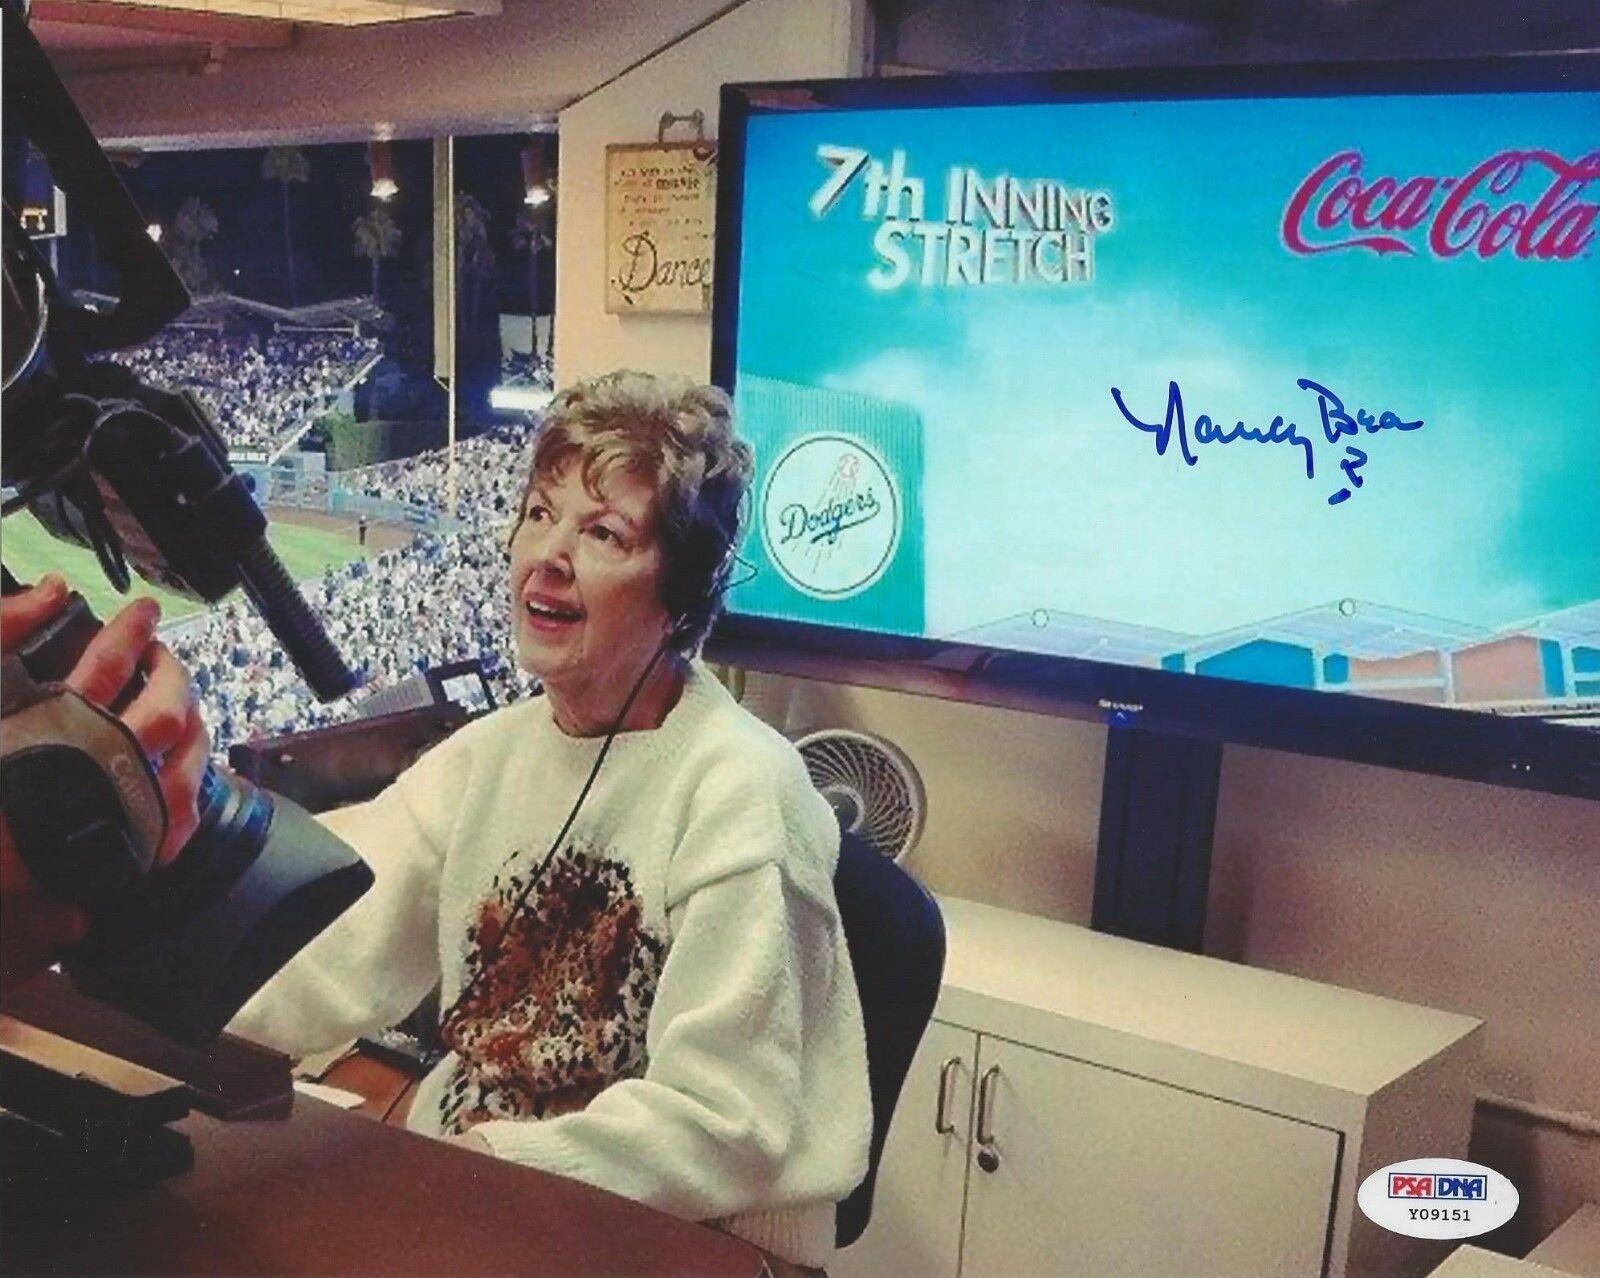 Nancy Bea Hefley Dodgers Organist 8x10 - PSA/DNA # Y09151